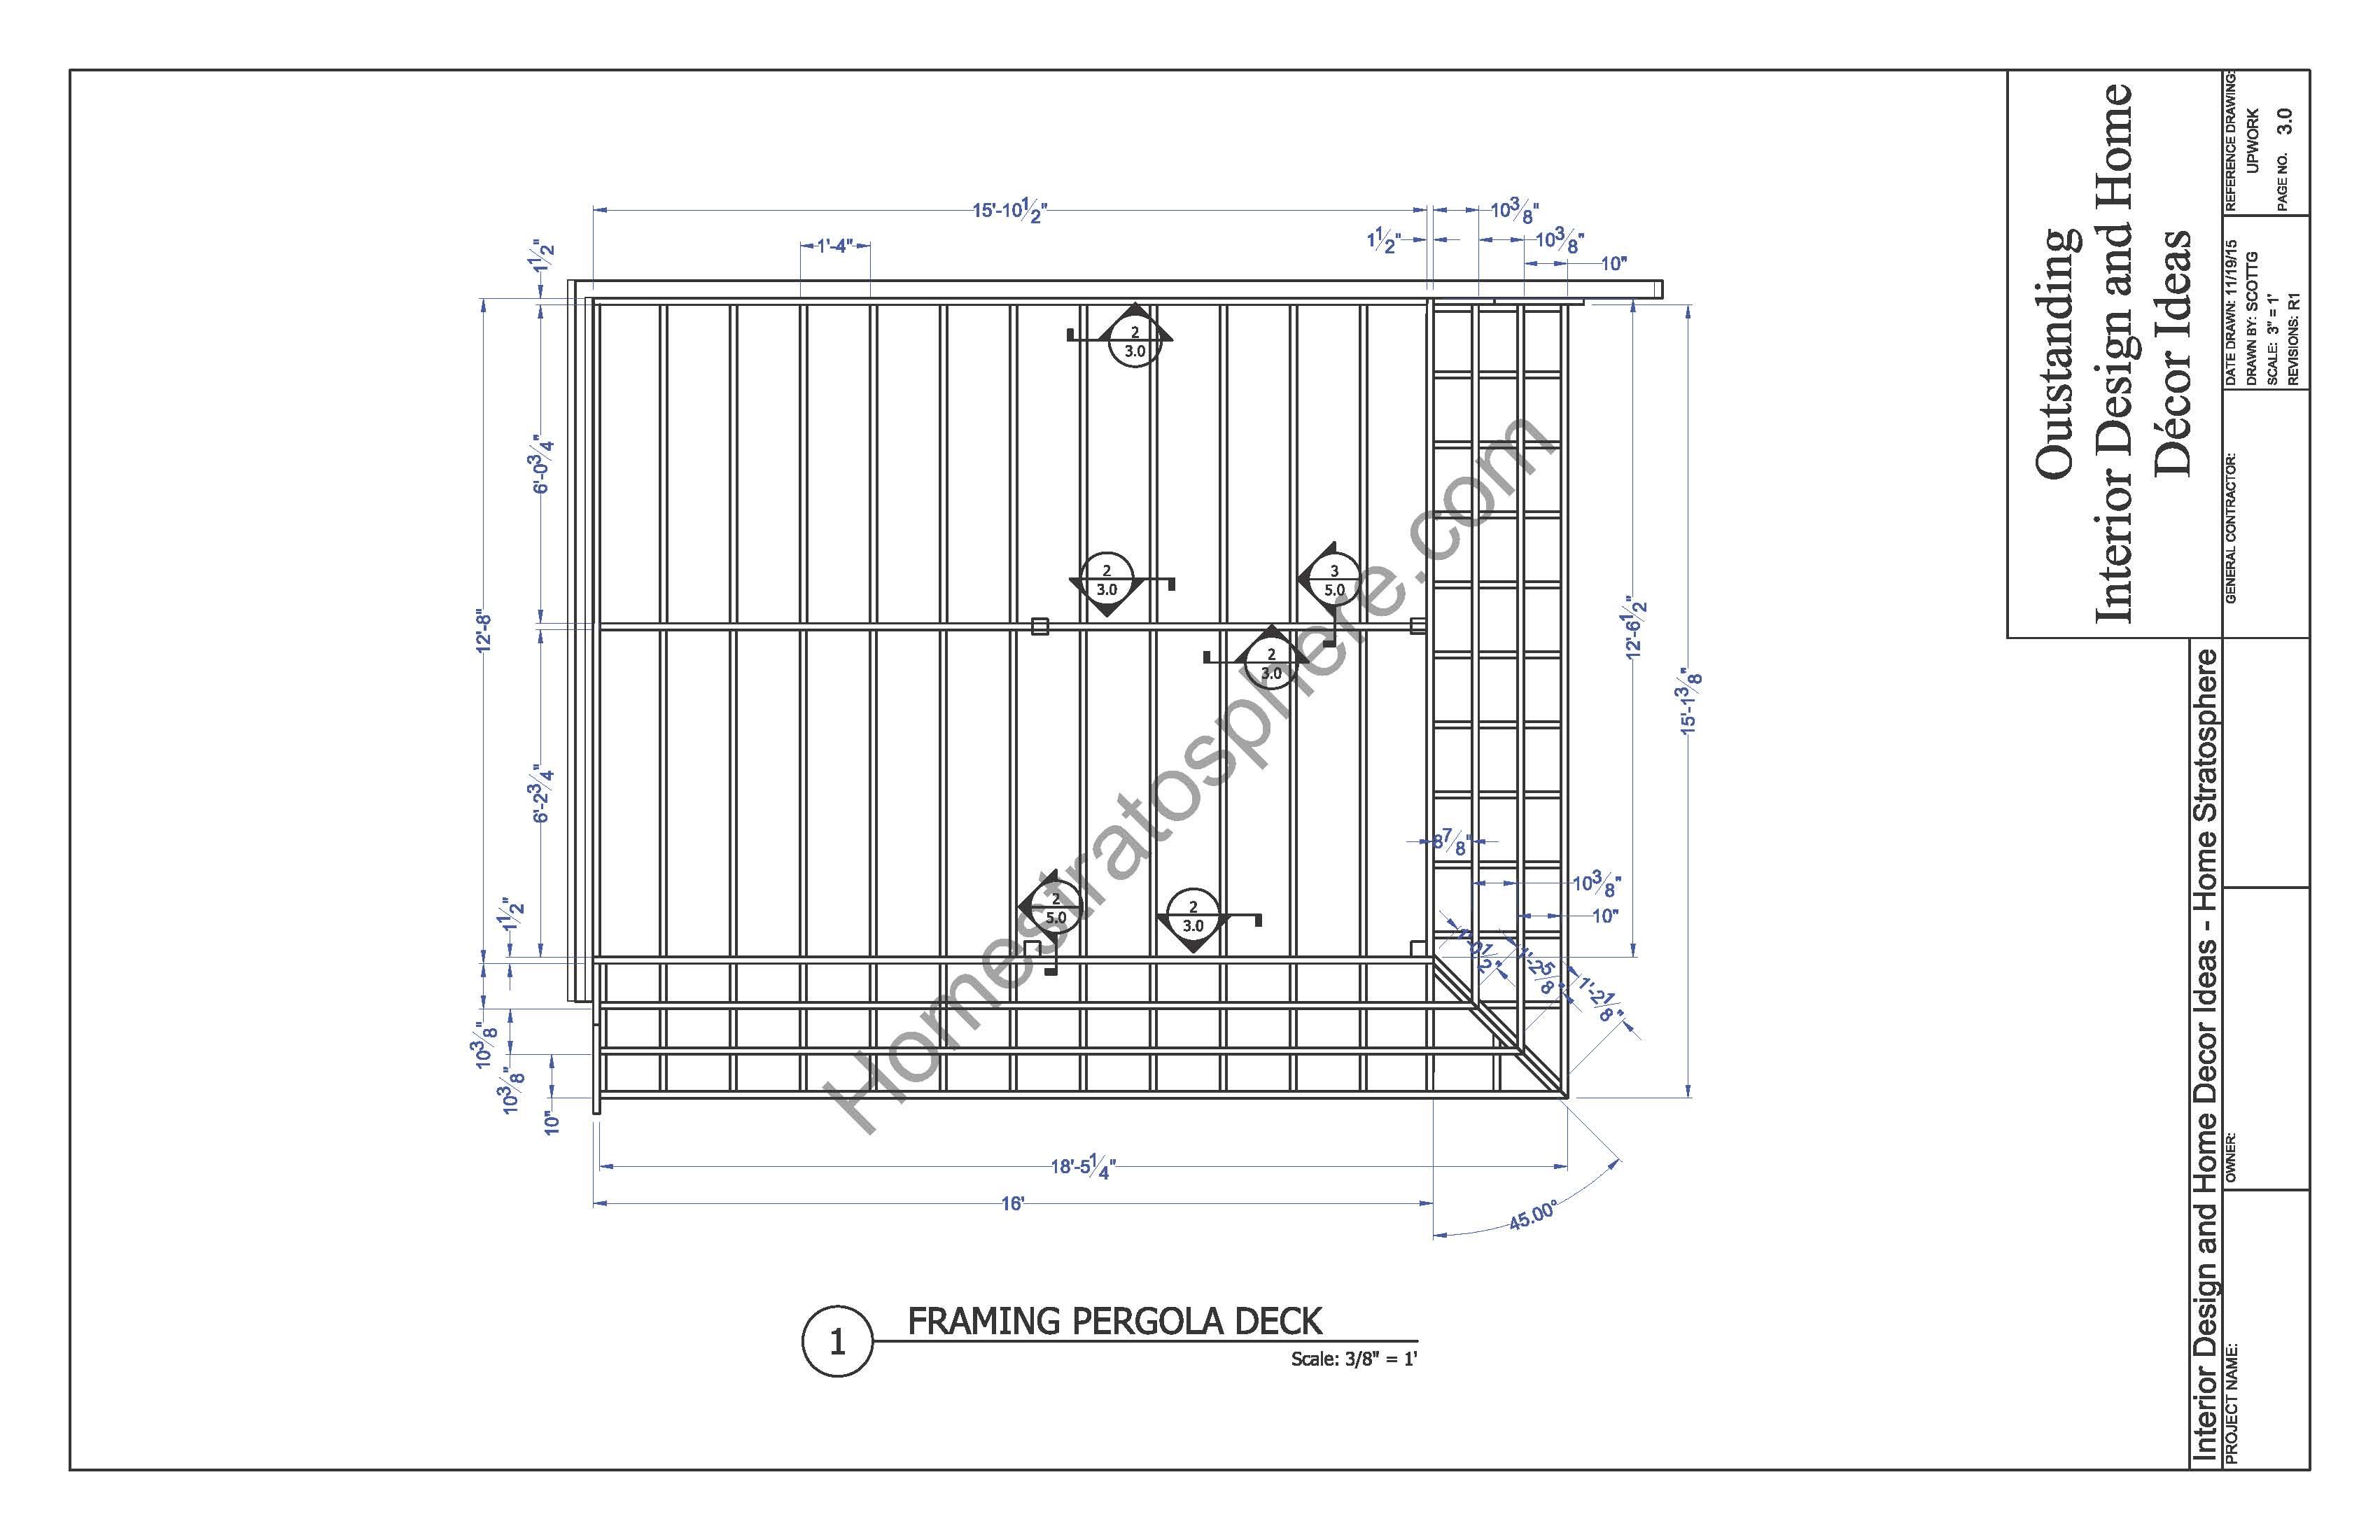 Pergola Deck Framing